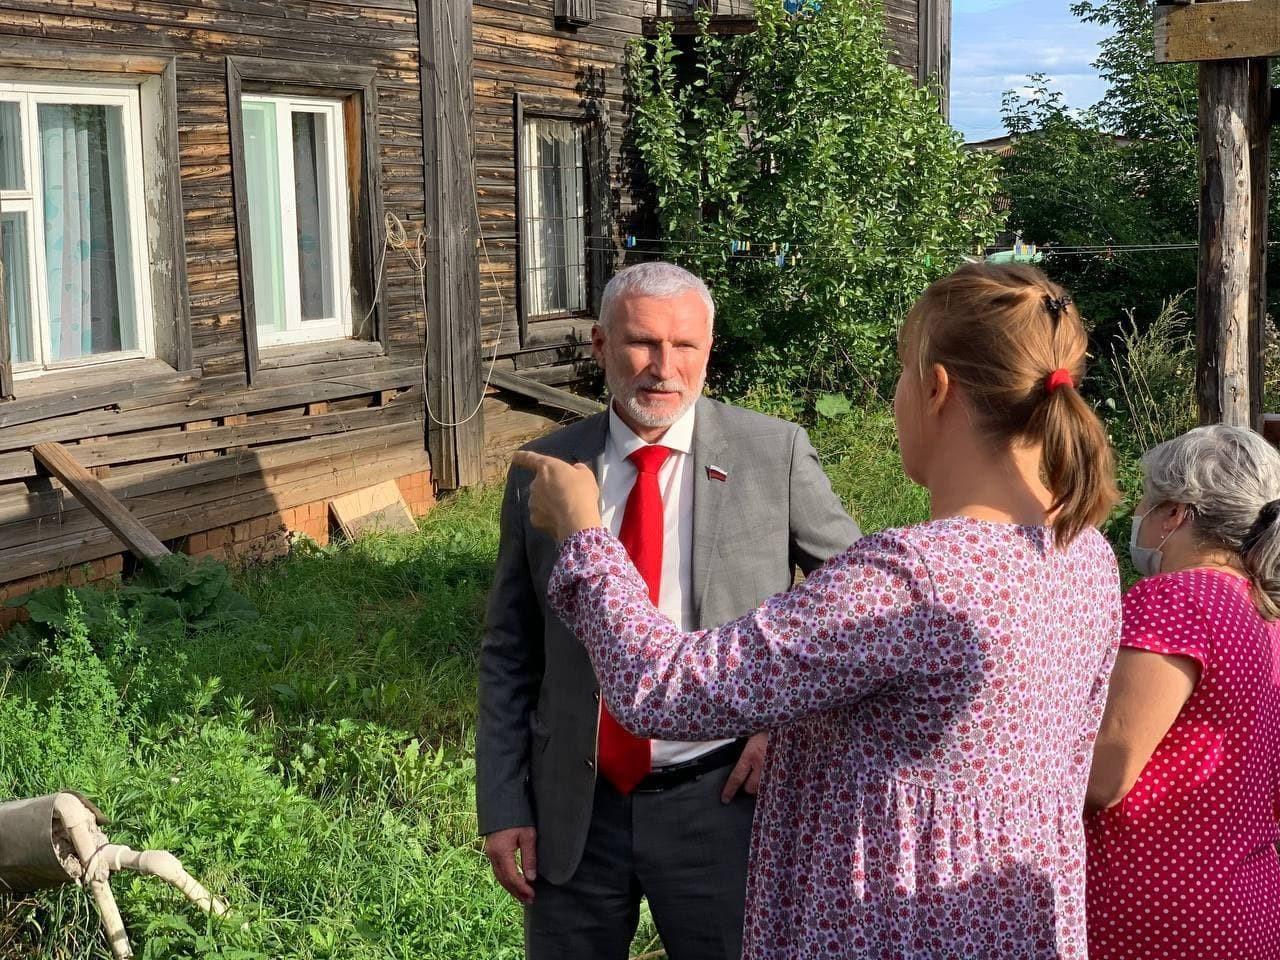 Алексей Журавлев раскритиковал состояние сельских территорий в Кировской области